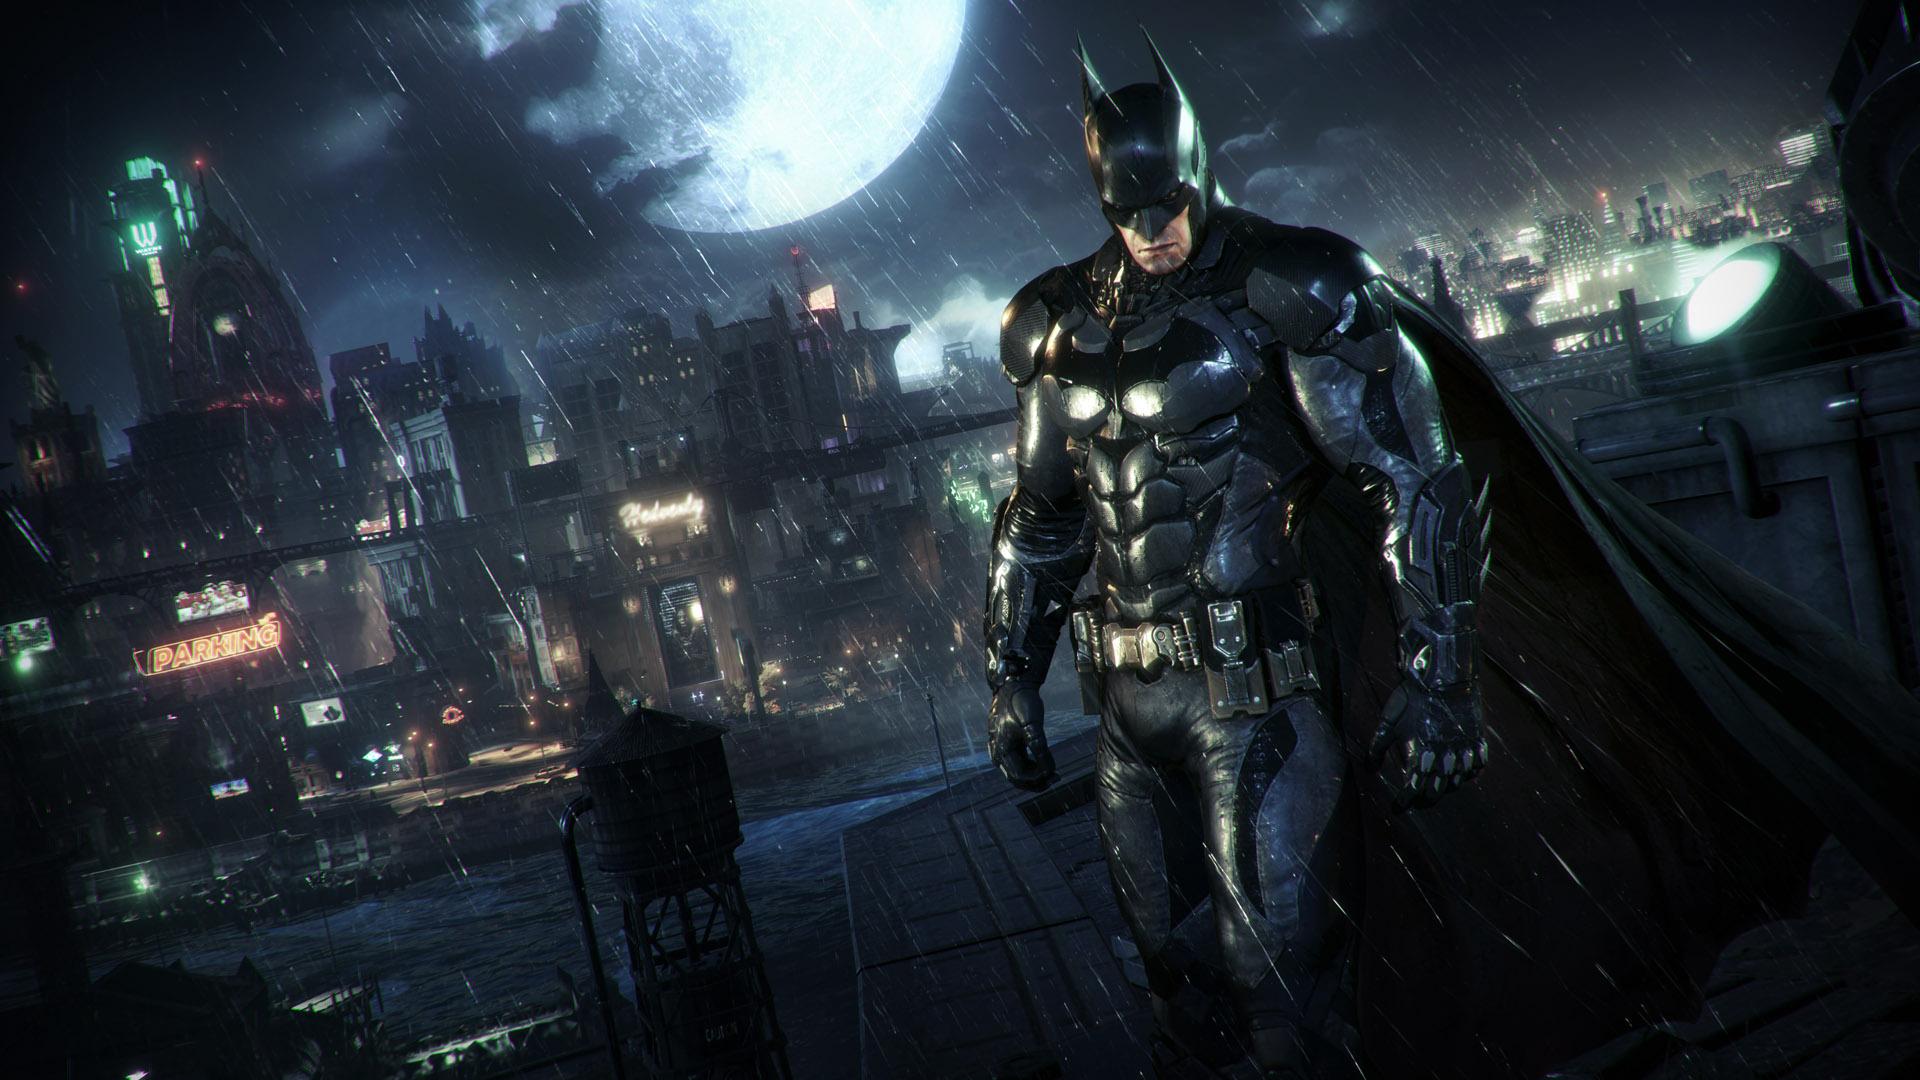 ¡Feliz día de Batman!